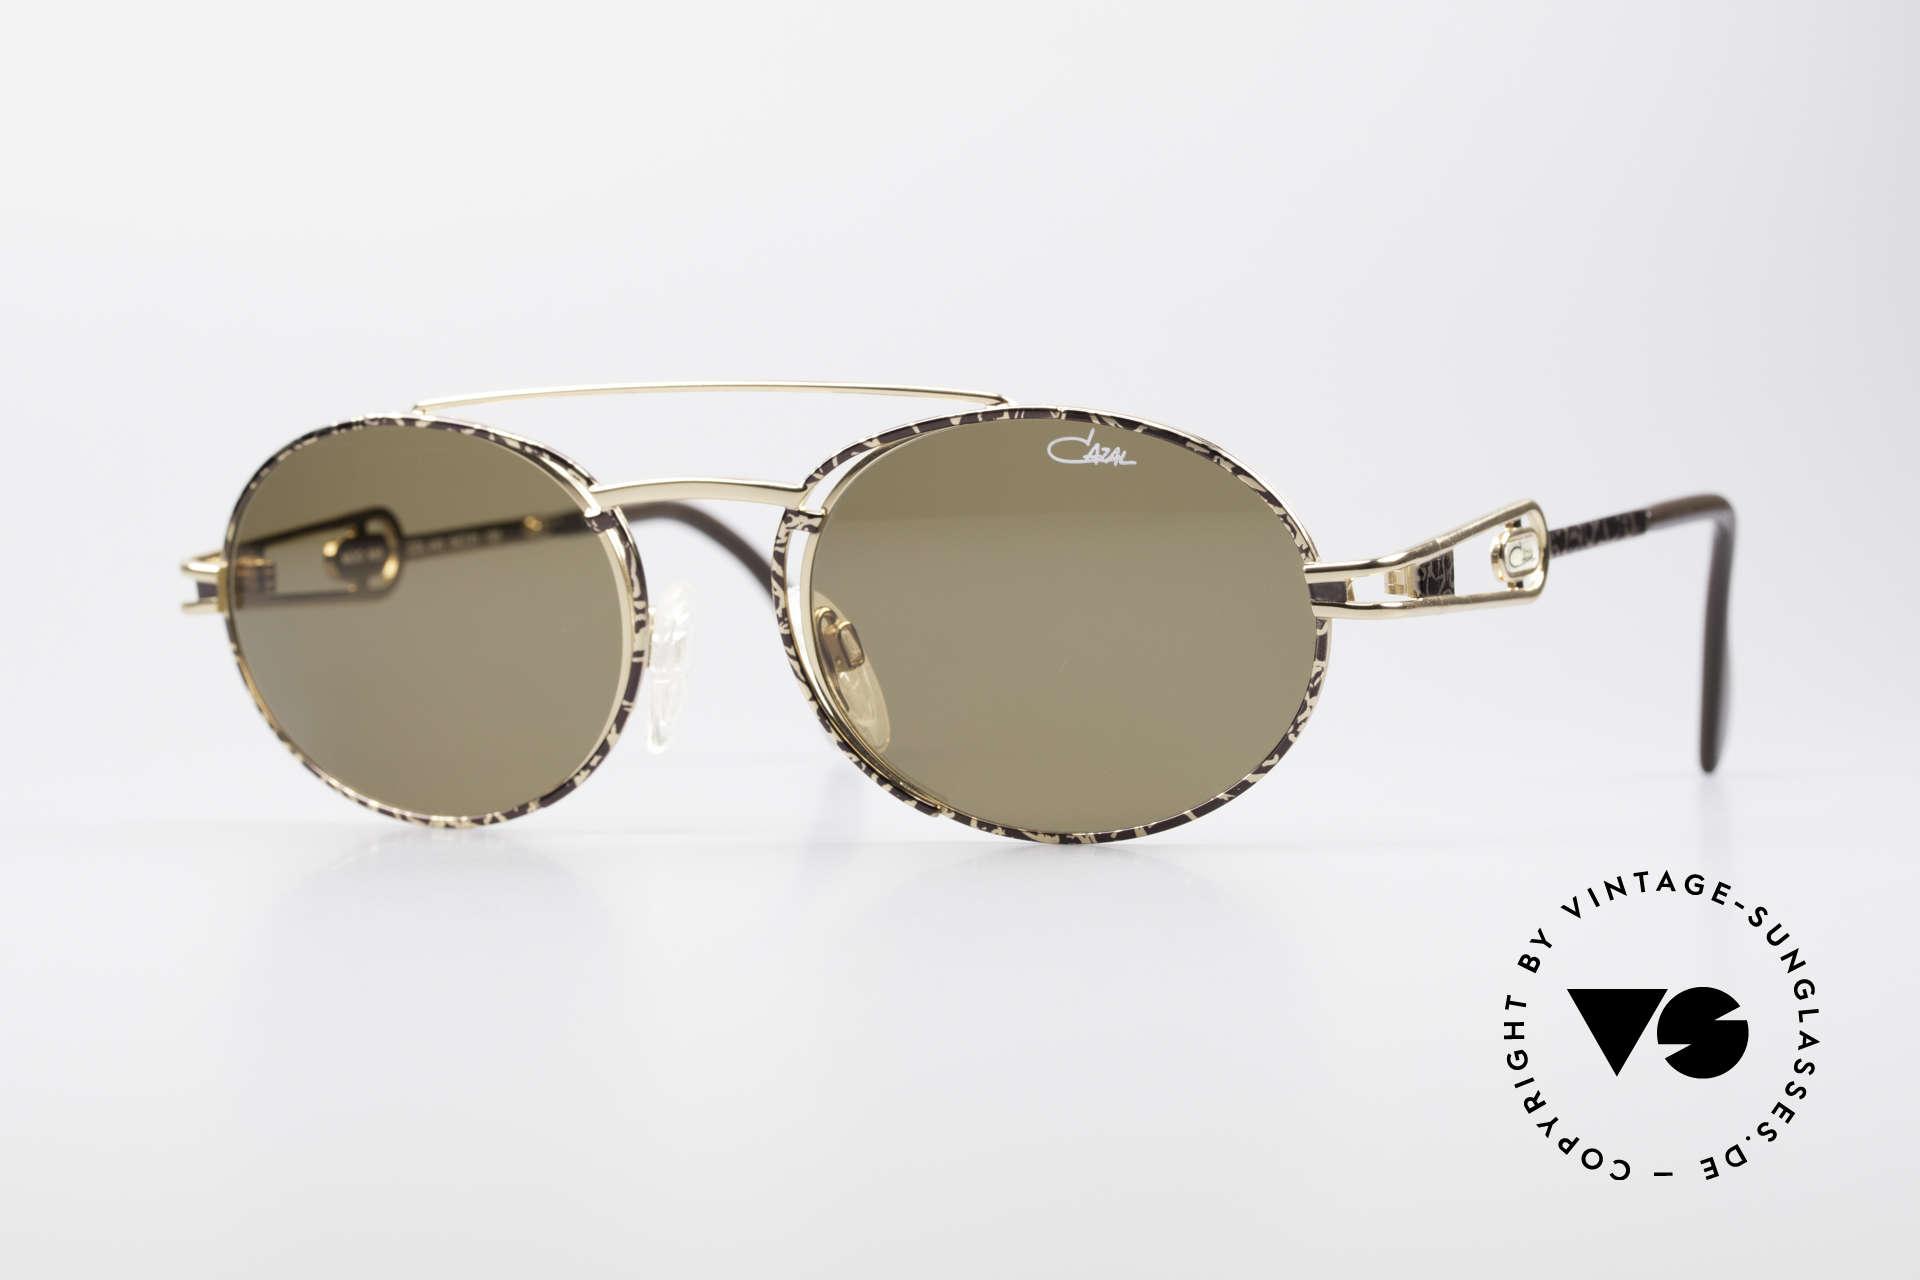 Cazal 965 Ovale 90er Sonnenbrille, sehr markante Cazal vintage Sonnenbrille von 1996, Passend für Herren und Damen